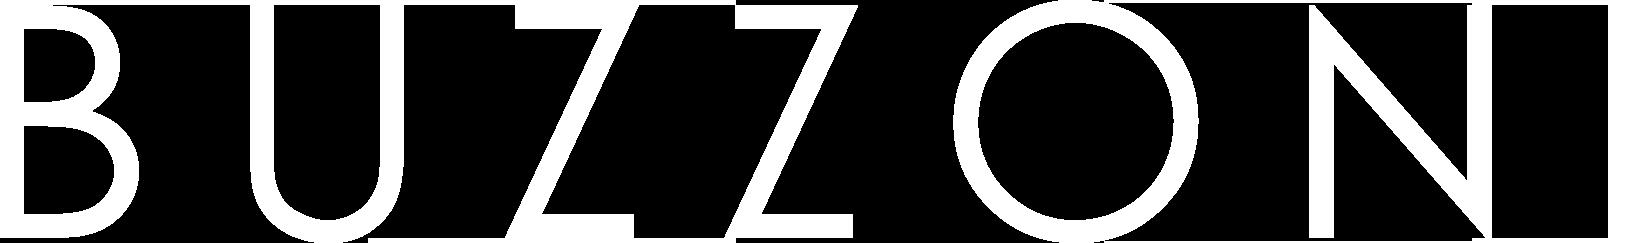 Buzzoni